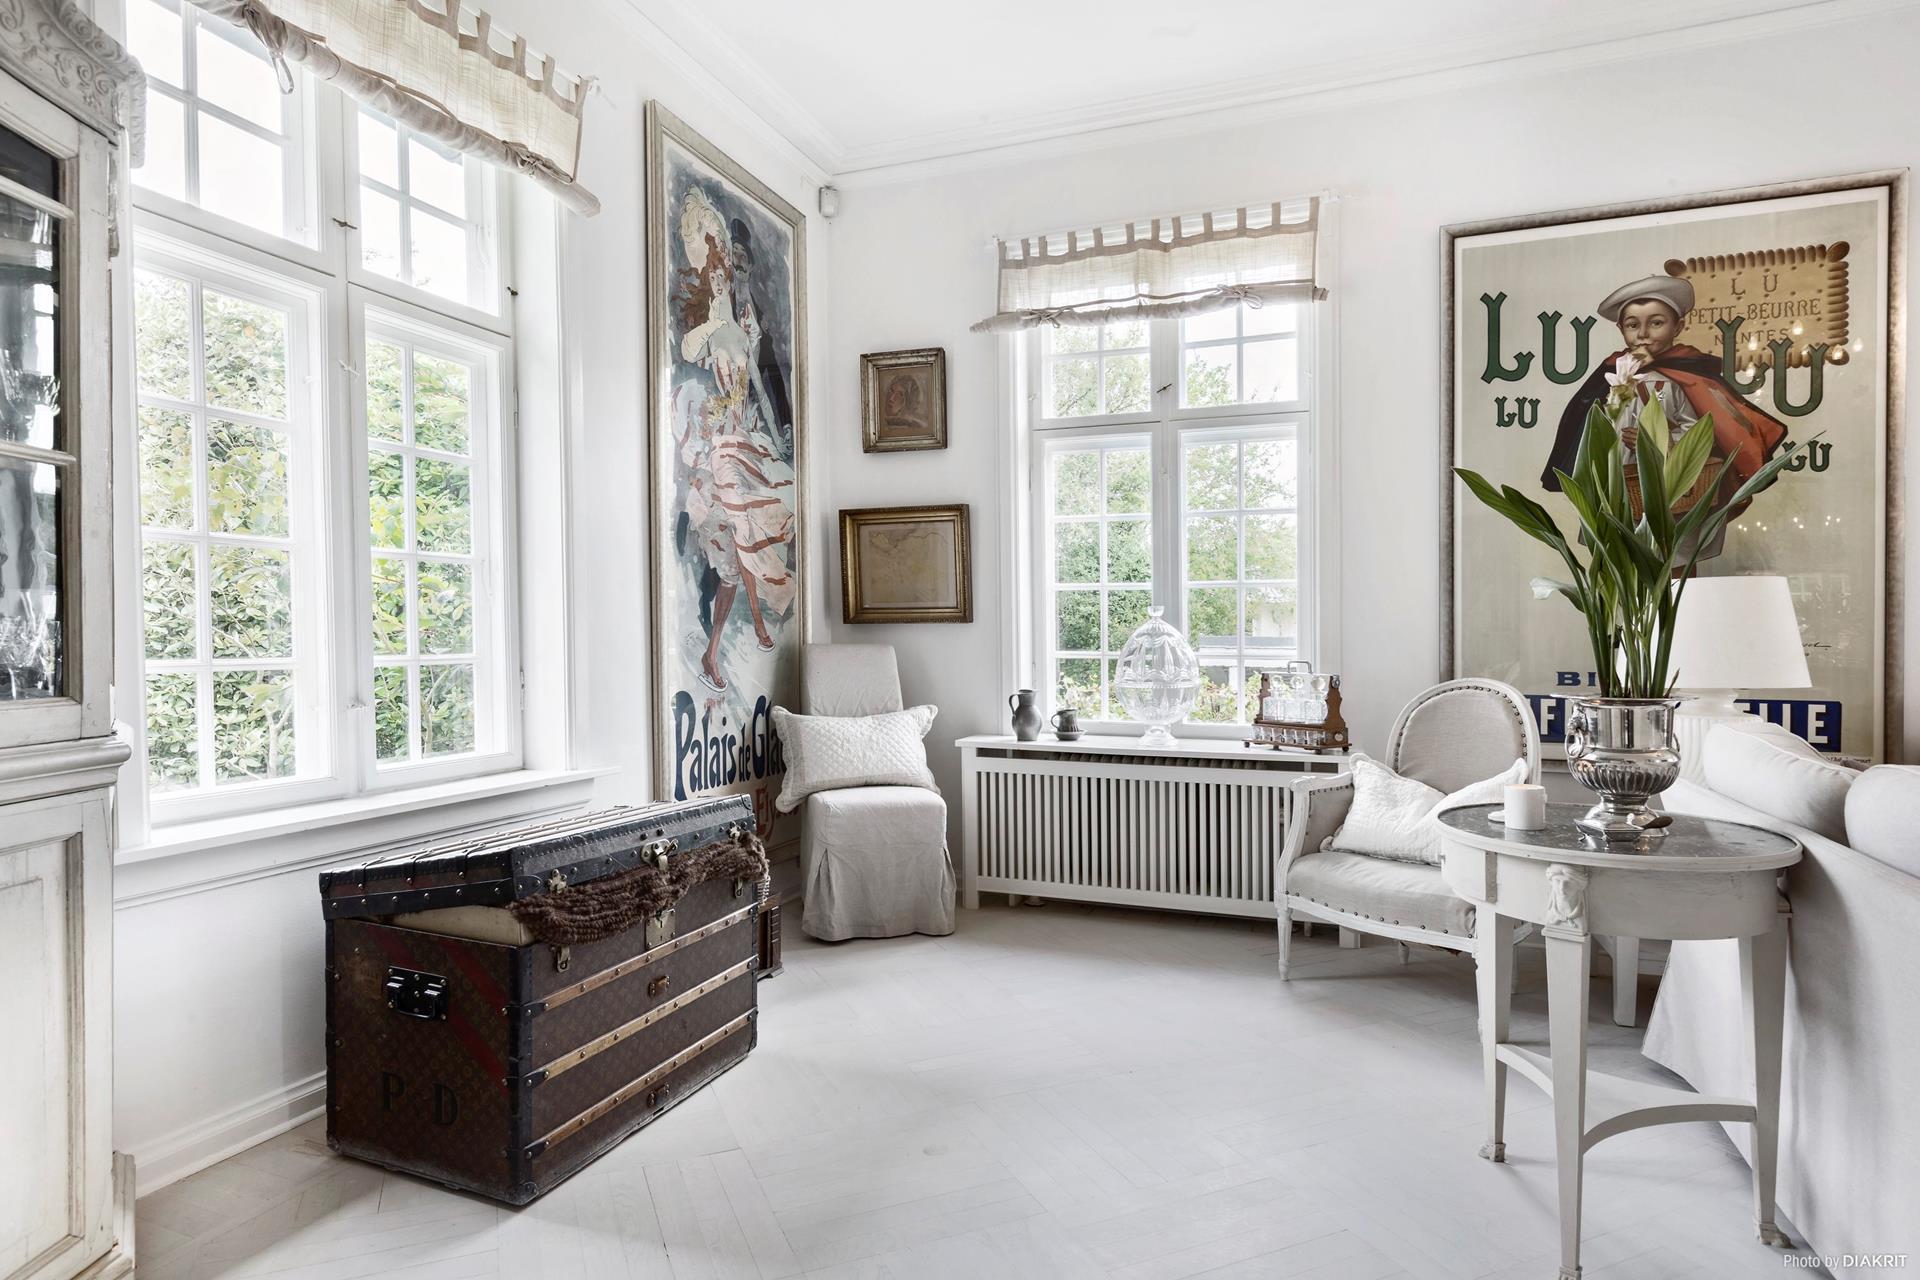 окно шторы подоконник  картины сундук кресло консоль